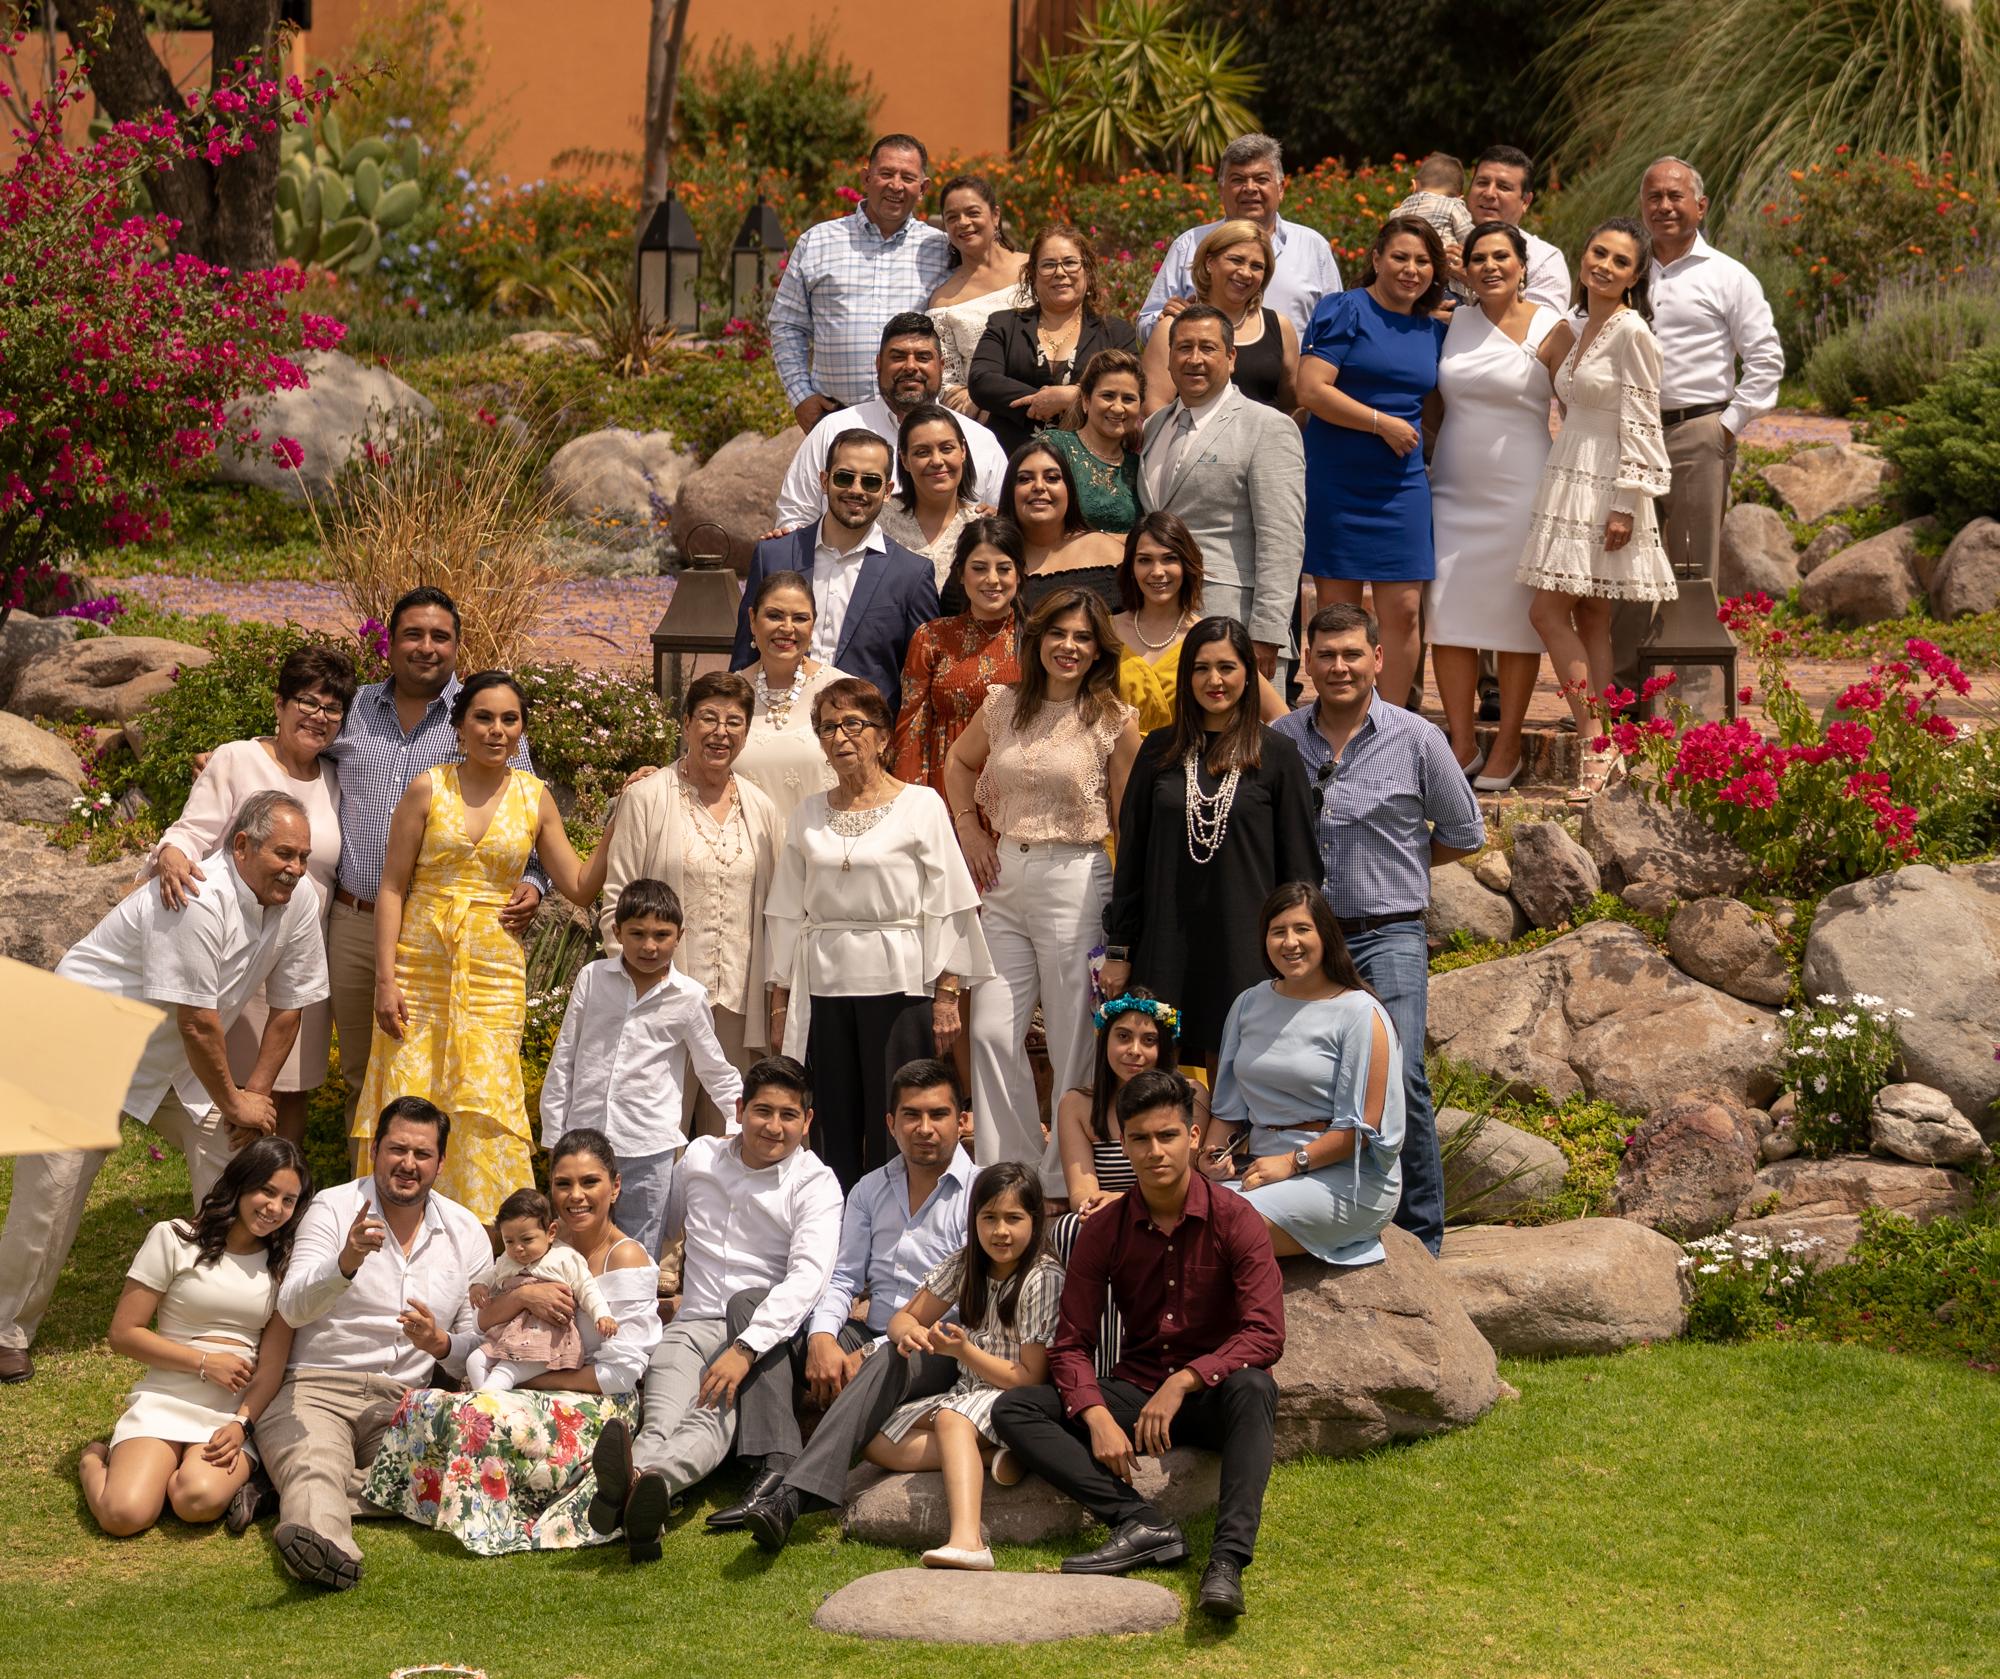 Sesion de Fotos en Rosewood San Migue de Allende del Bautizo de Alfonso-156.jpg